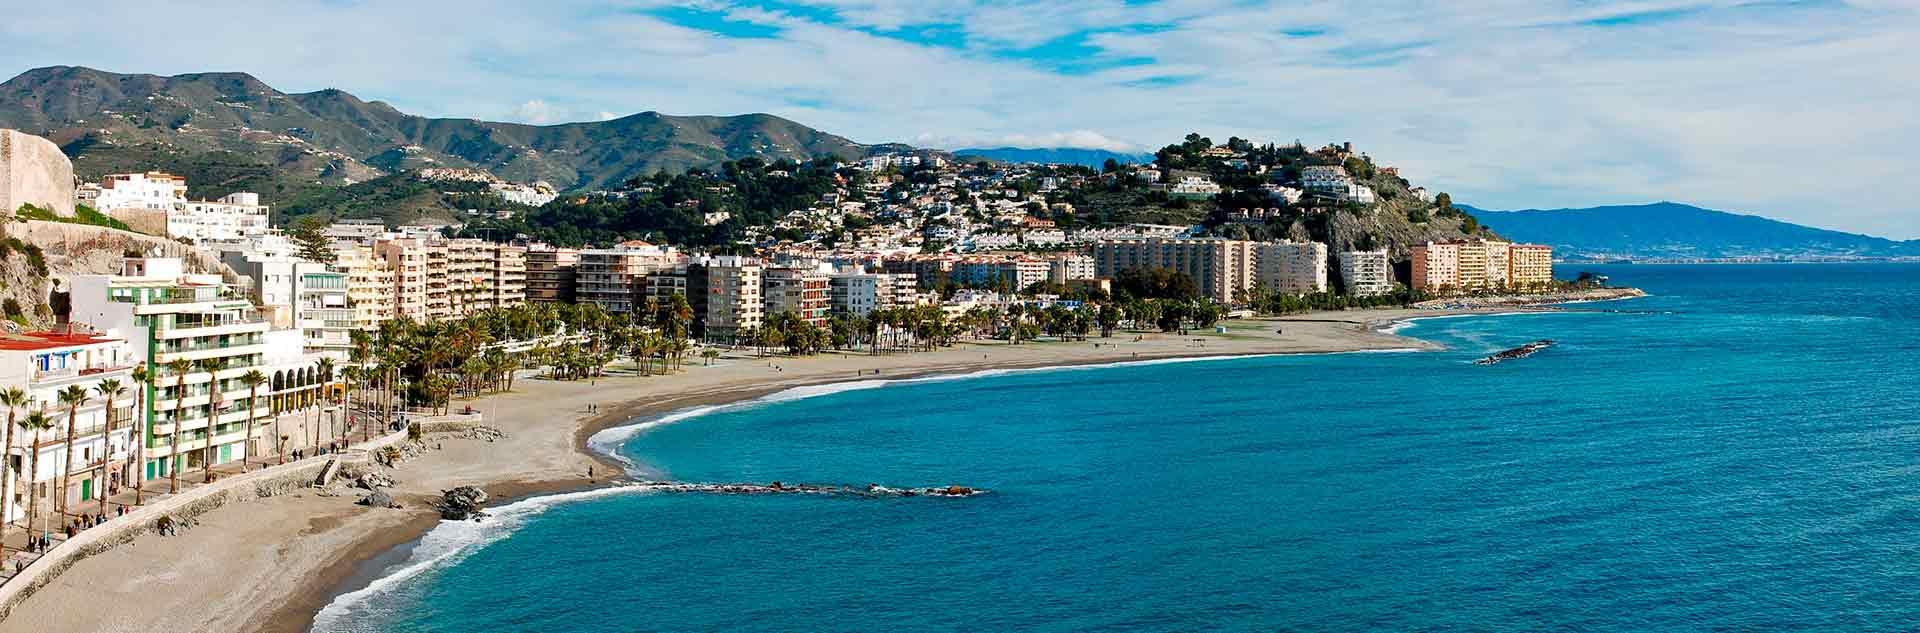 Vista panorámica de la playa de Almuñecar, Granada